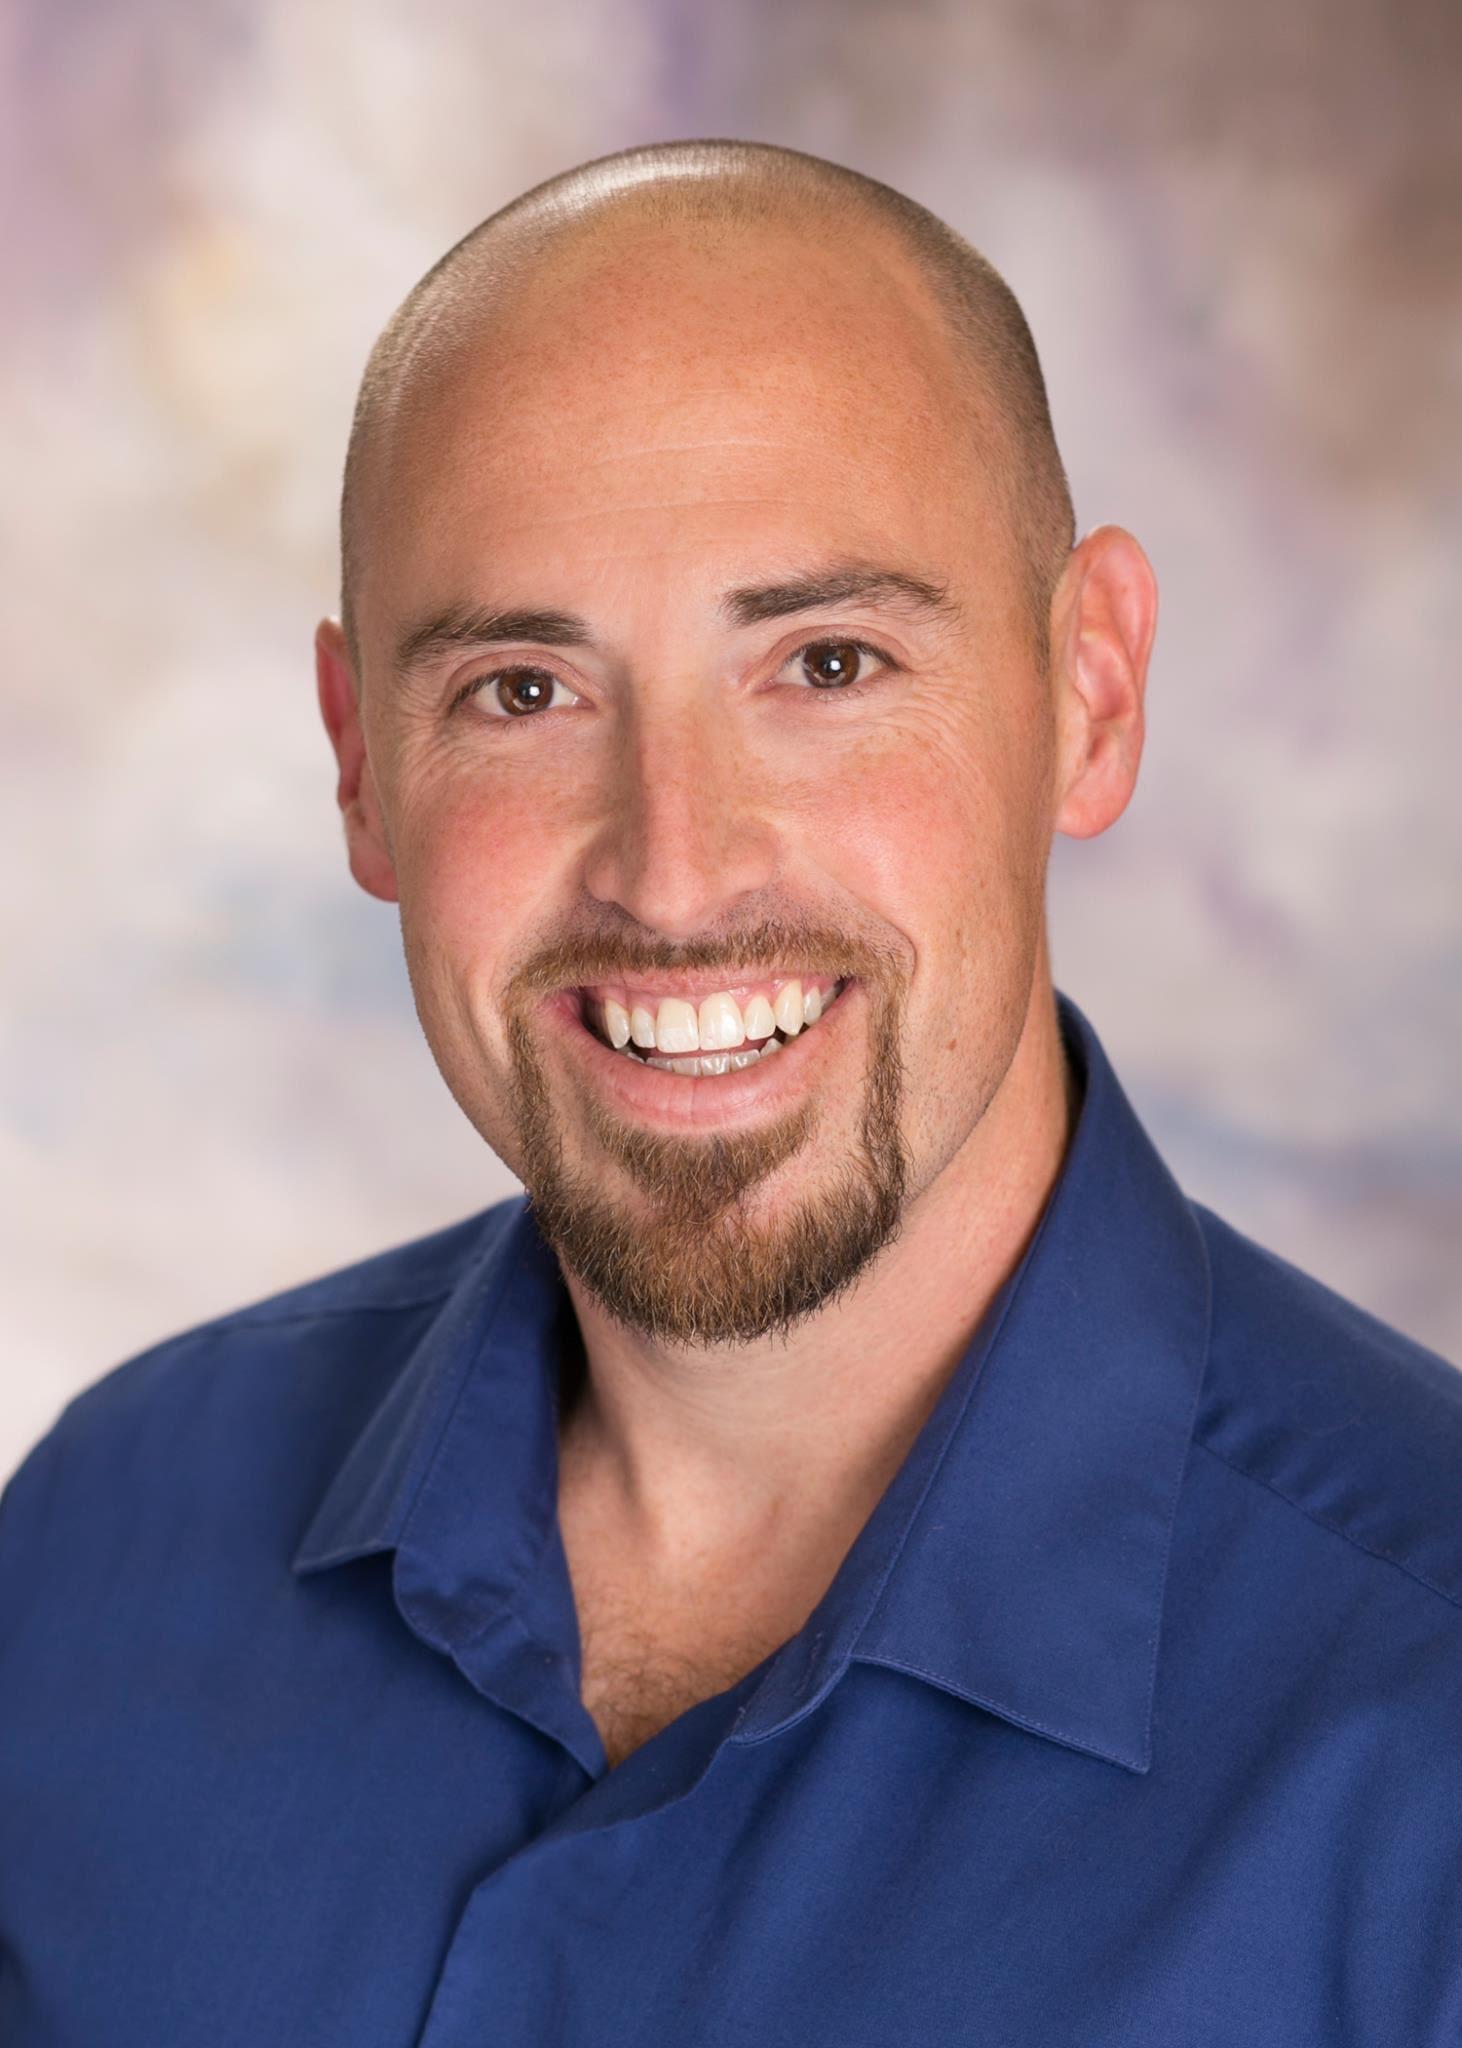 Trevor Snyder Real Estate Agent Coeur d'Alene Idaho